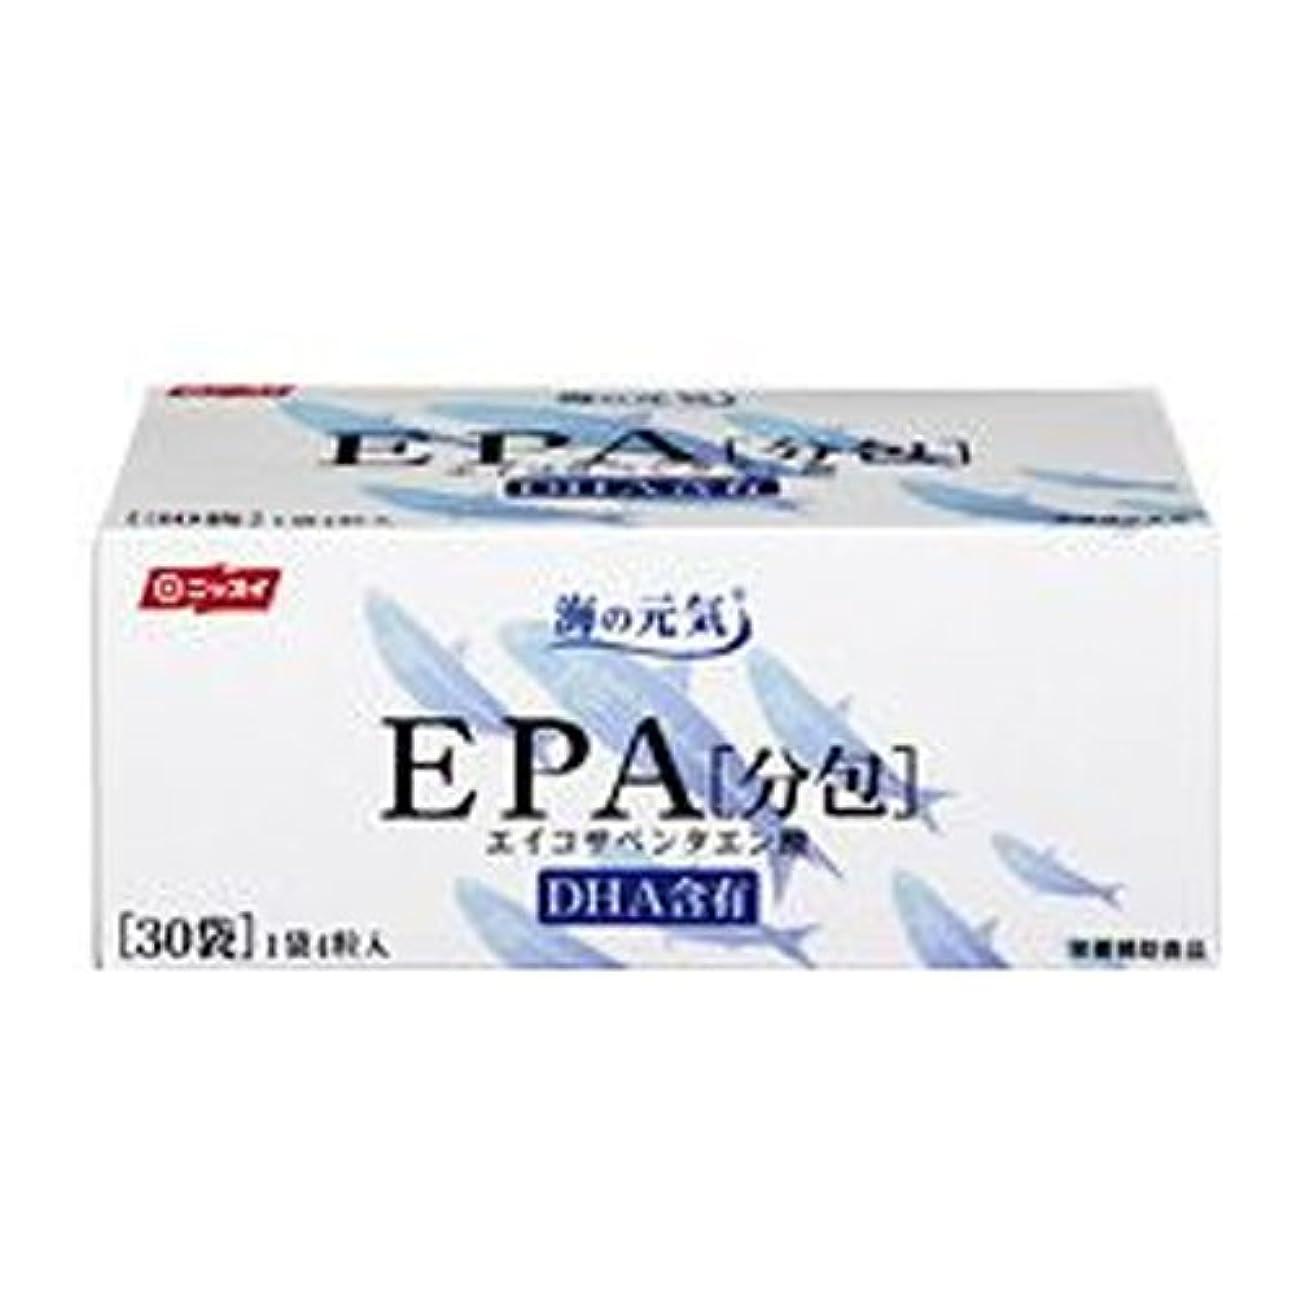 枯れるコメンテーター預言者ニッスイ 海の元気 EPA 分包30包 EPA サプリメント(DHA含有)